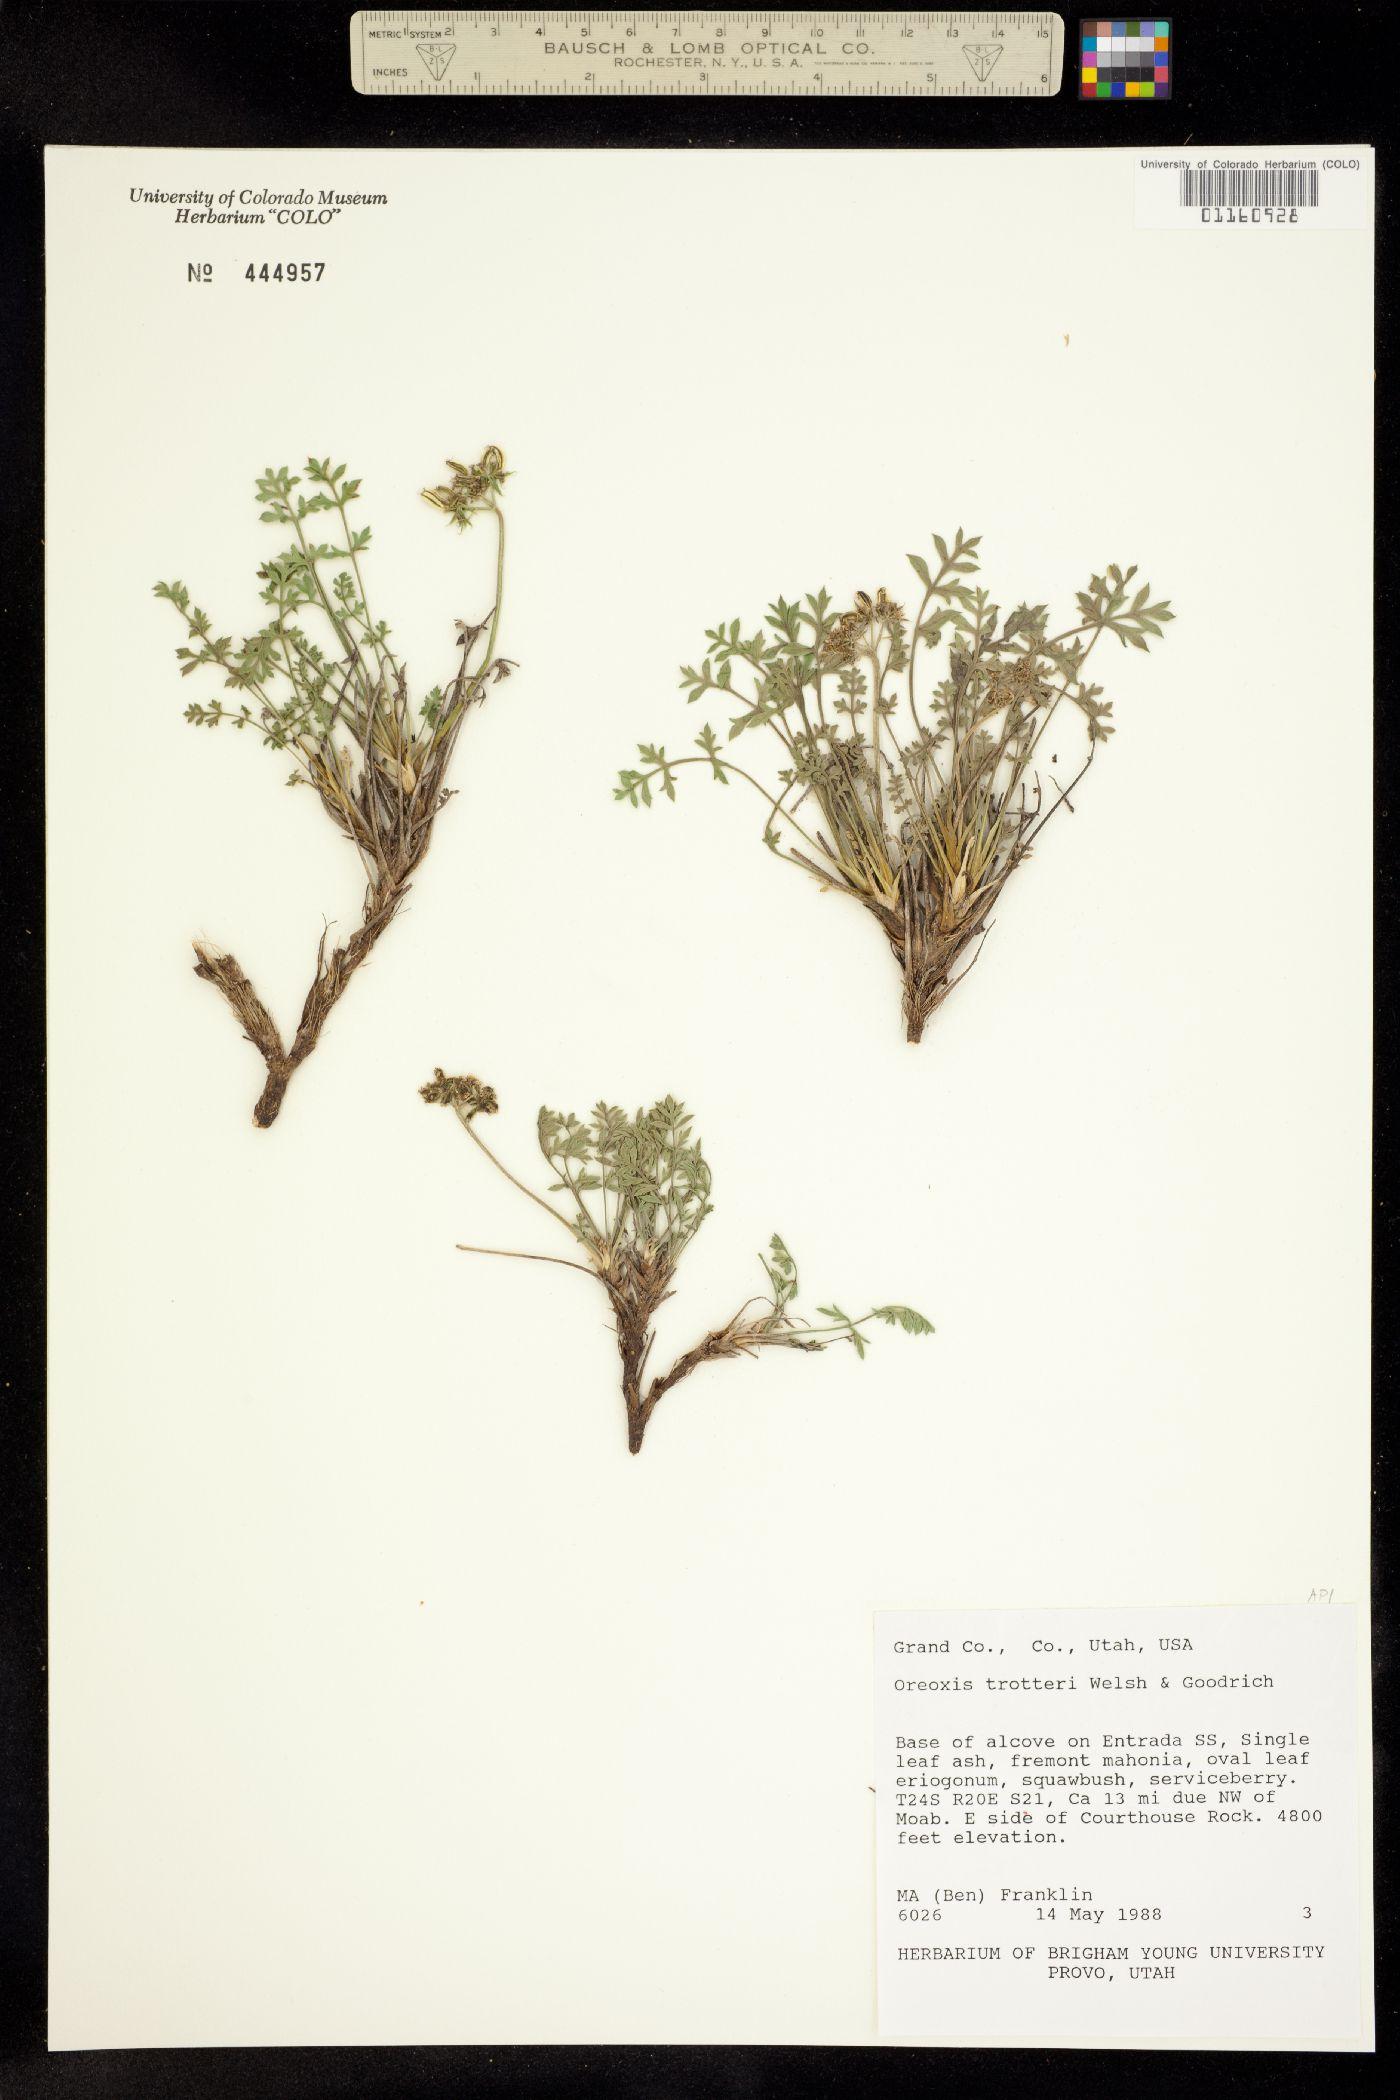 Oreoxis trotteri image